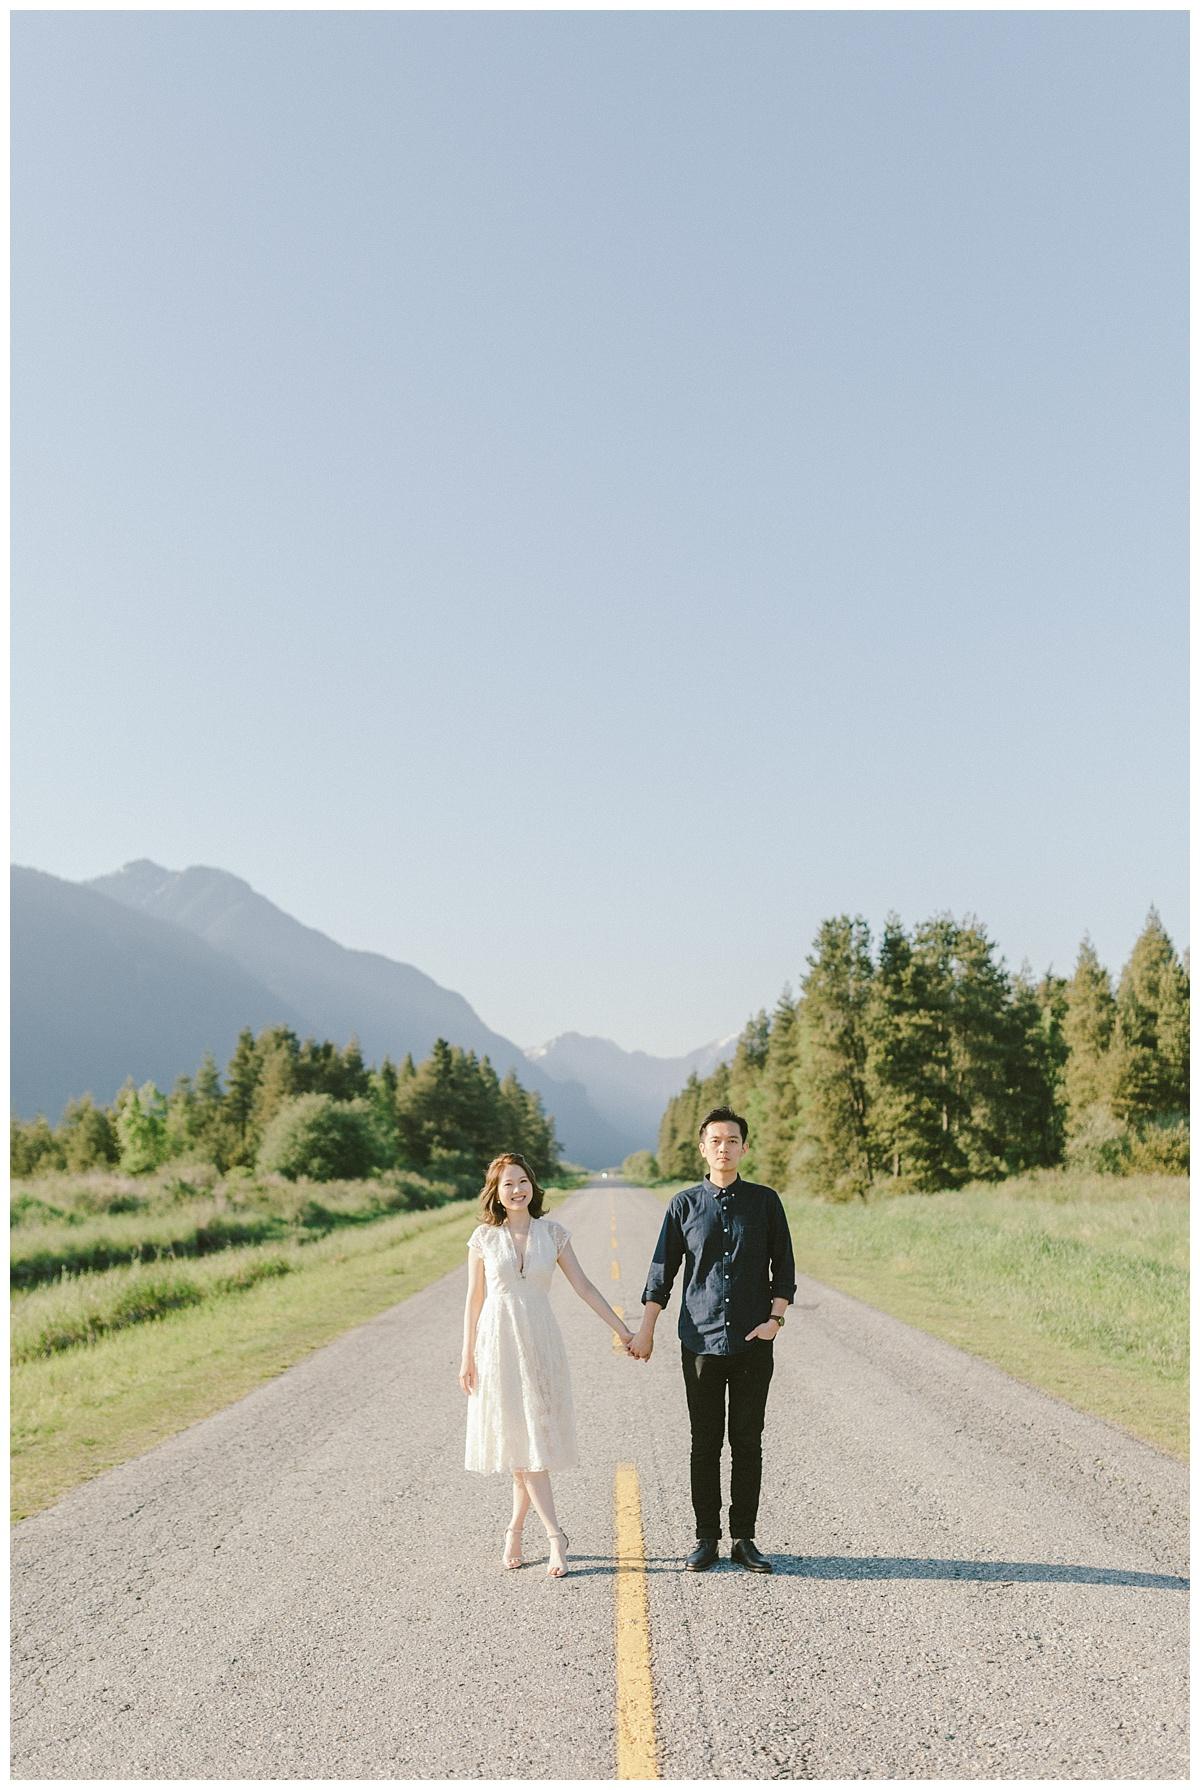 Mattie C. Hong Kong Vancouver Fine Art Wedding Prewedding Photographer2.jpg